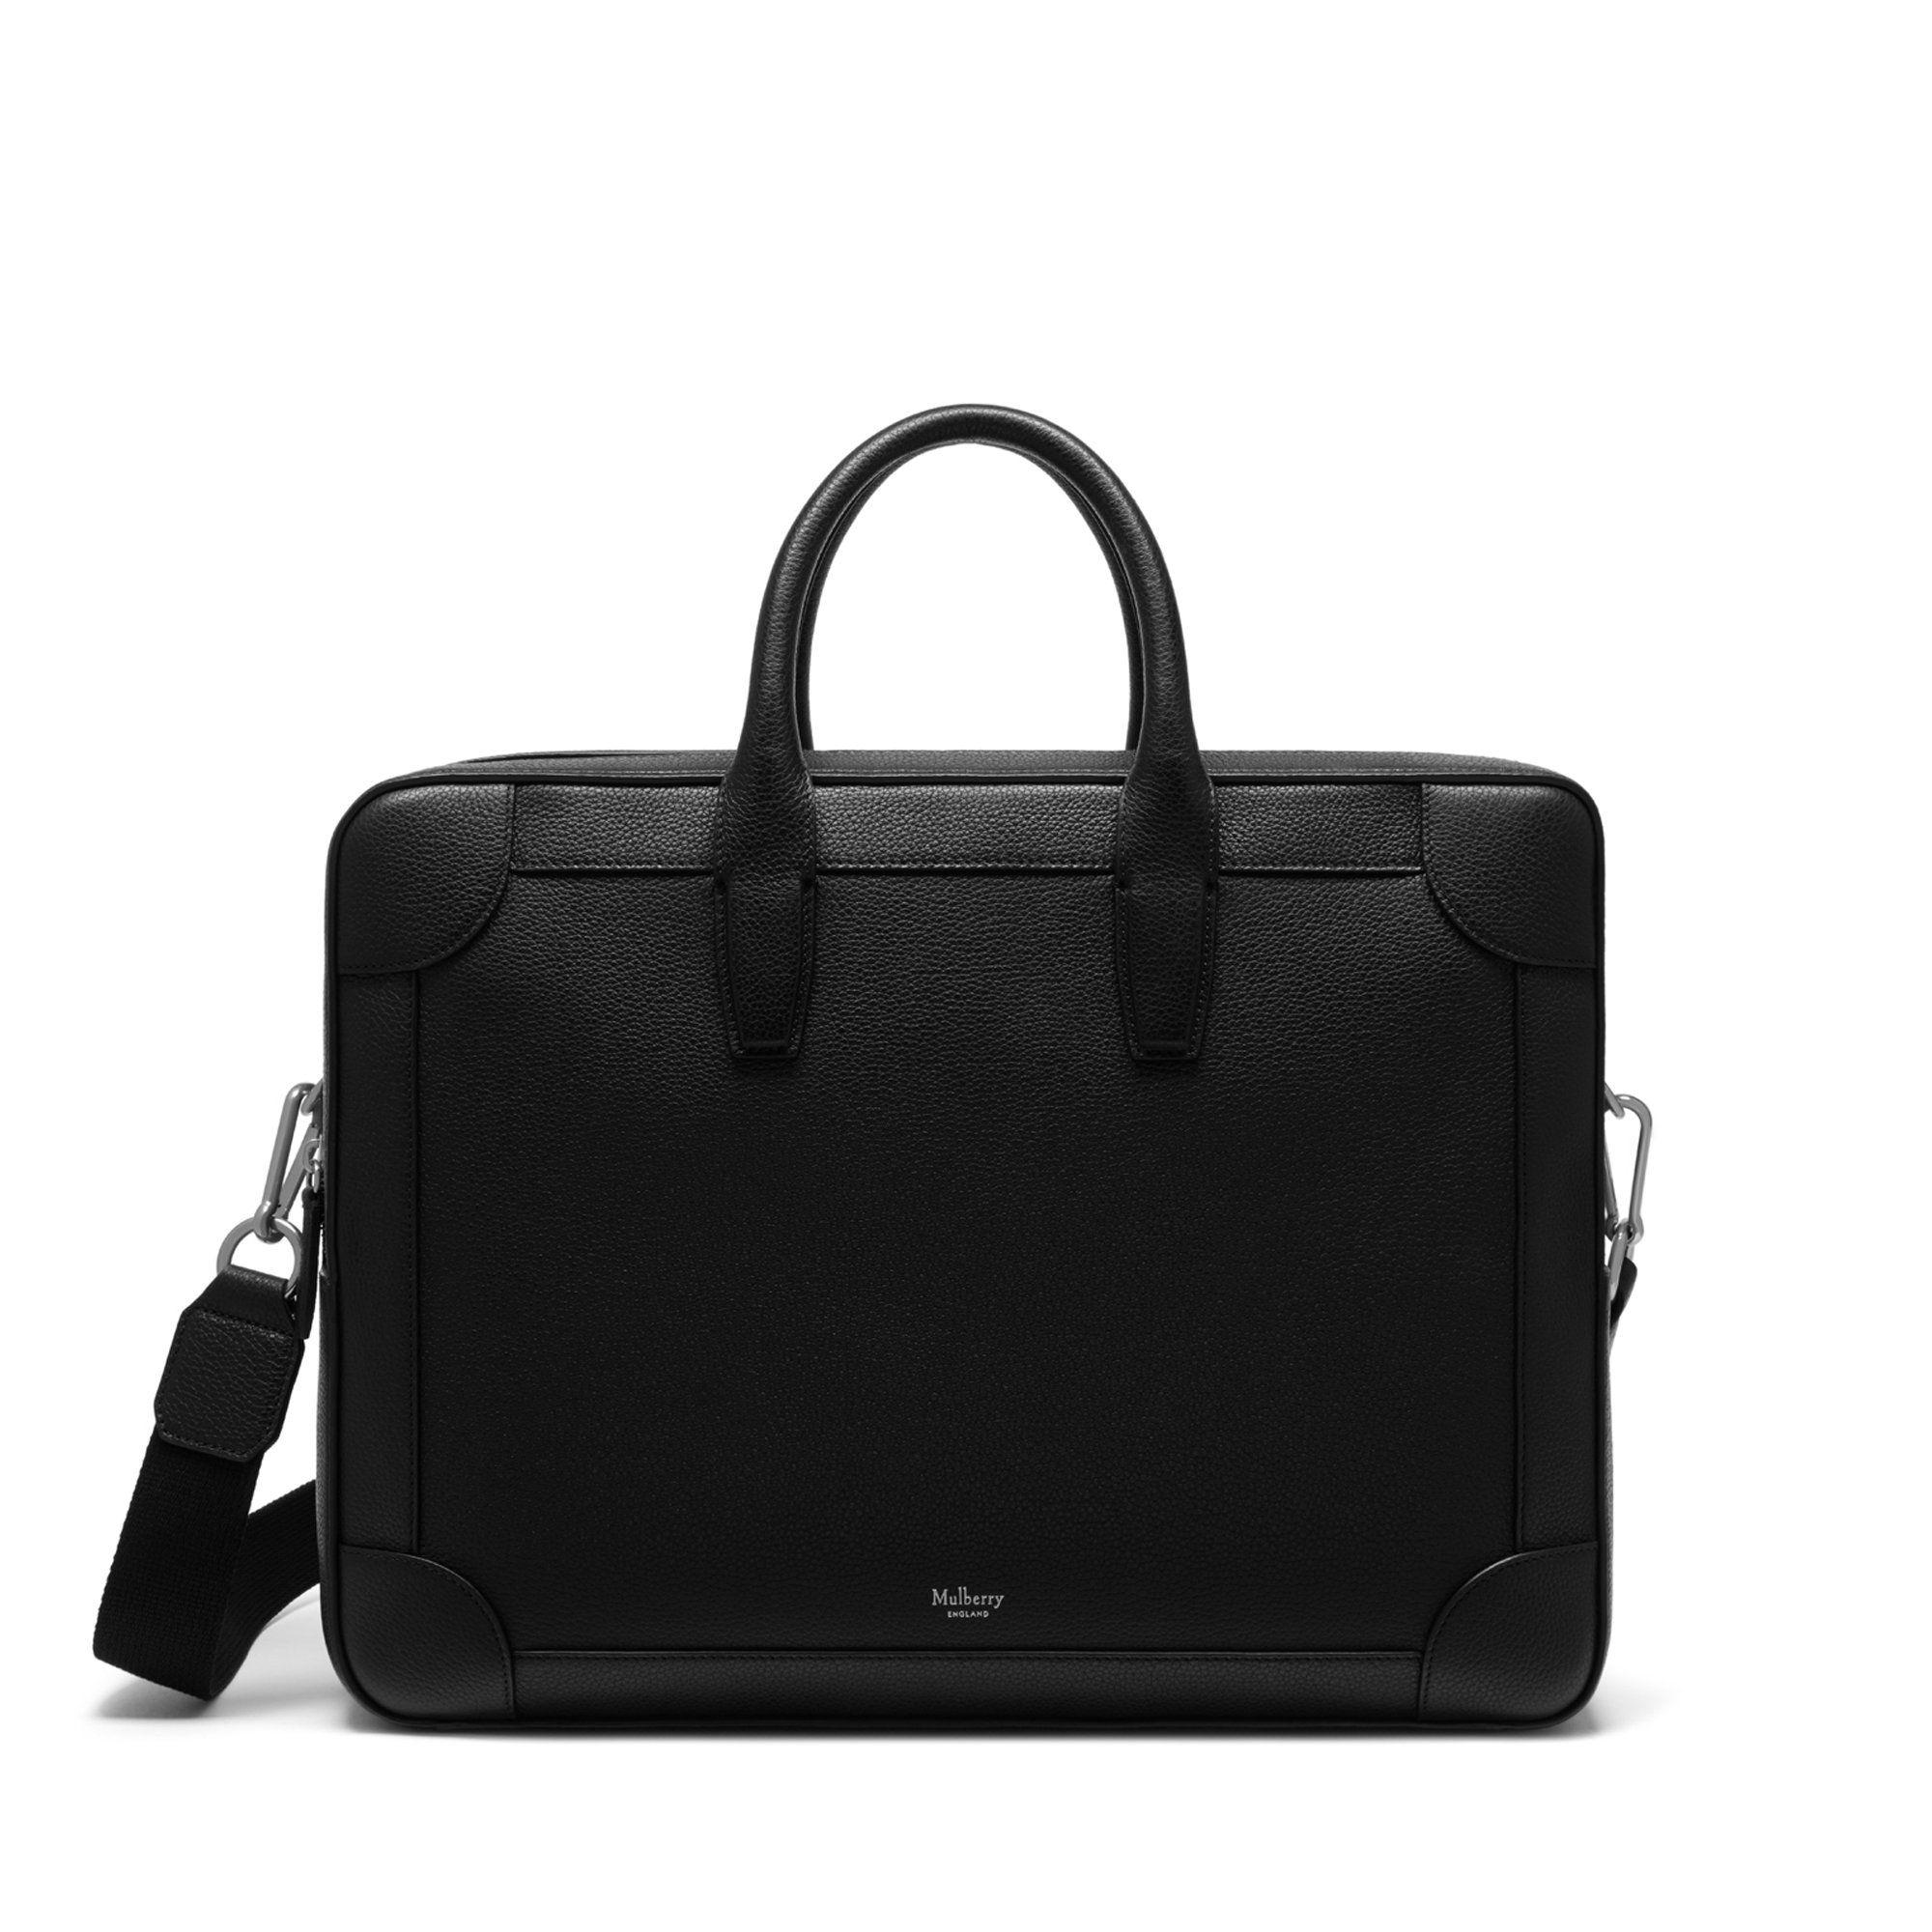 7f7b4f7e3239 Men s Bags